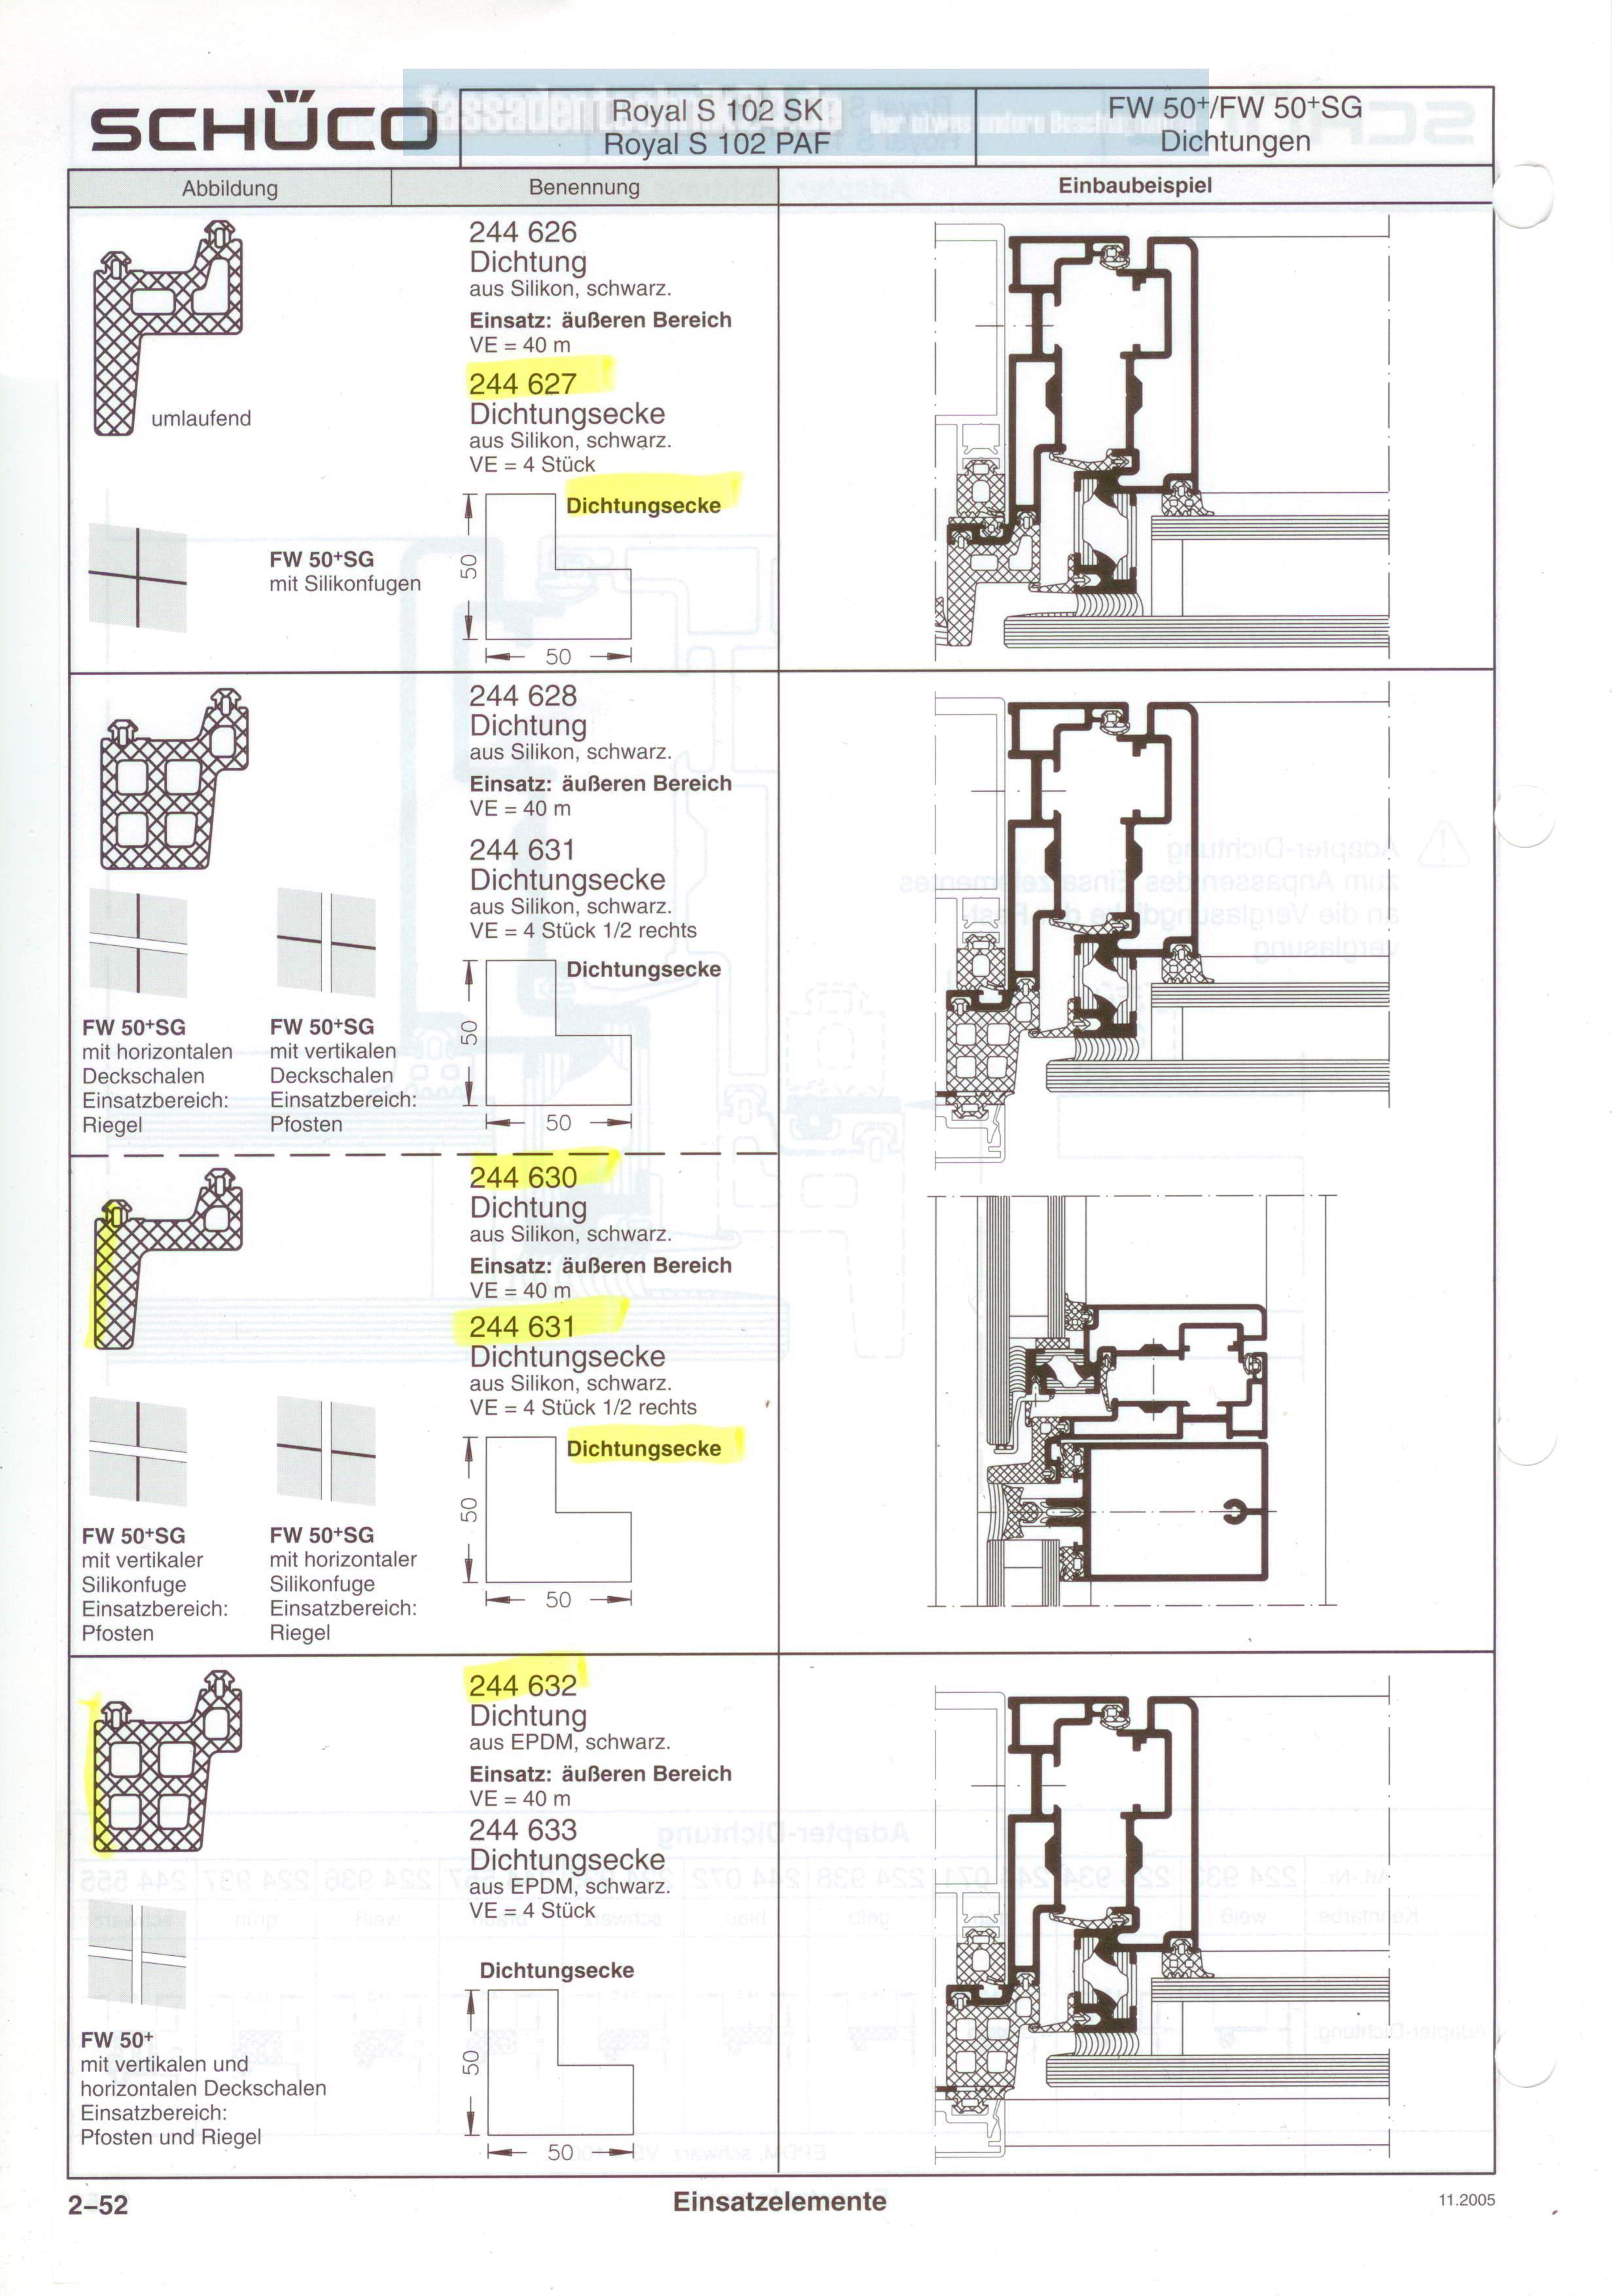 epdm andruckdichtung preis pro meter nummer 244632 ebay. Black Bedroom Furniture Sets. Home Design Ideas